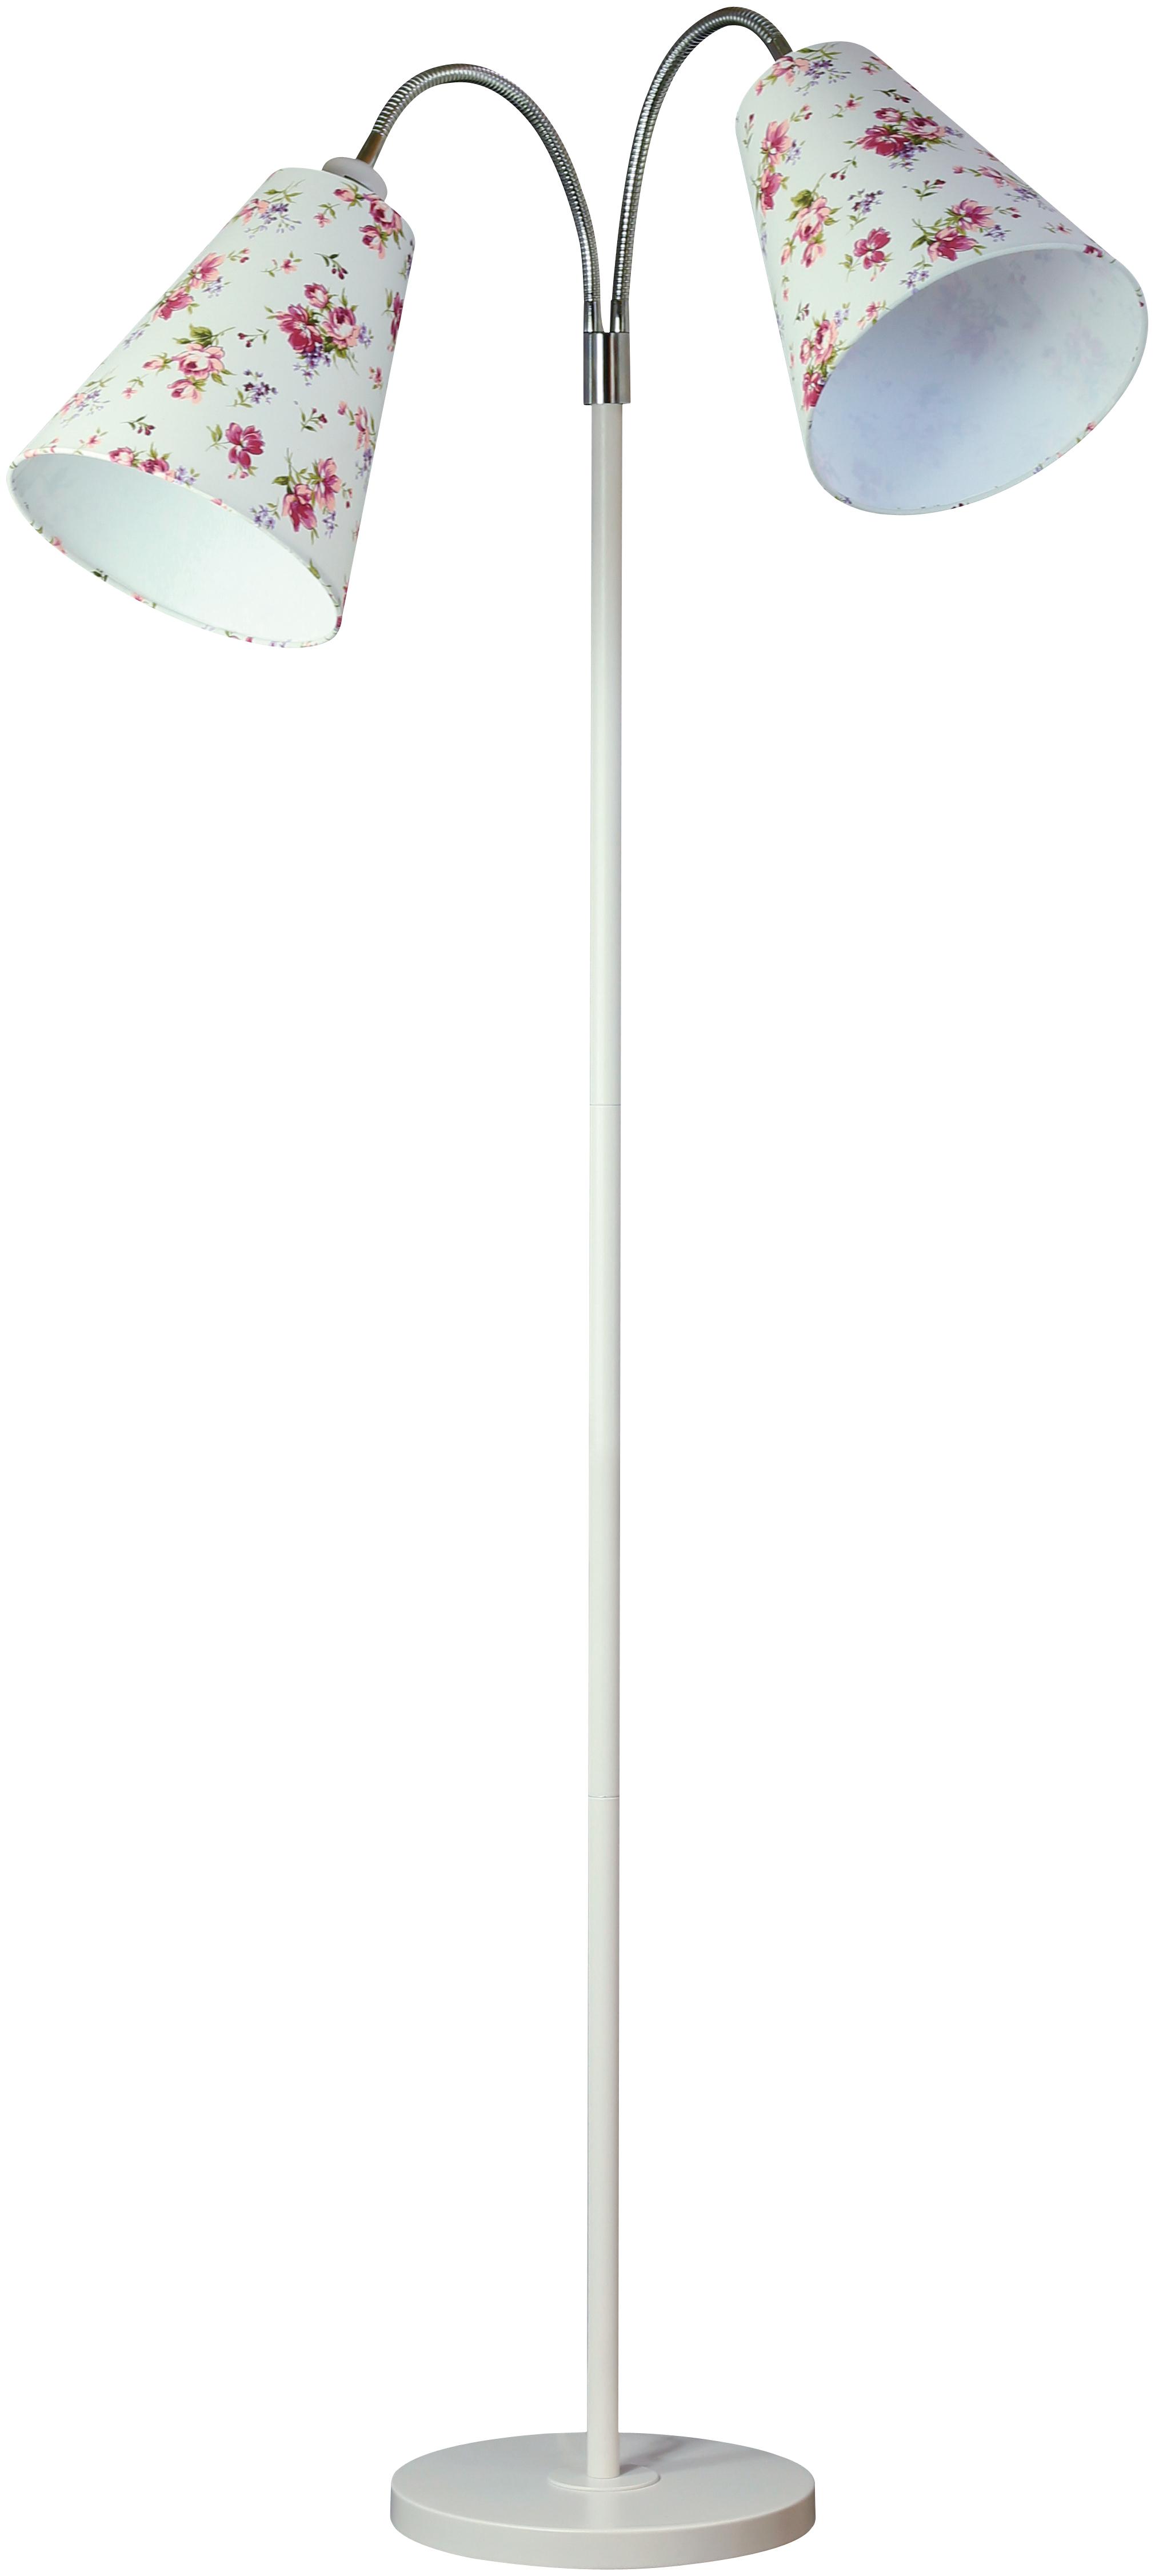 Торшер LamplandiaТоршеры<br>Стиль светильника: кантри,<br>Назначение светильника: для комнаты,<br>Материал светильника: металл,<br>Длина (мм): 400,<br>Ширина: 400,<br>Высота: 1700,<br>Количество ламп: 2,<br>Тип лампы: накаливания,<br>Мощность: 60,<br>Патрон: Е27,<br>Цвет арматуры: белый<br>